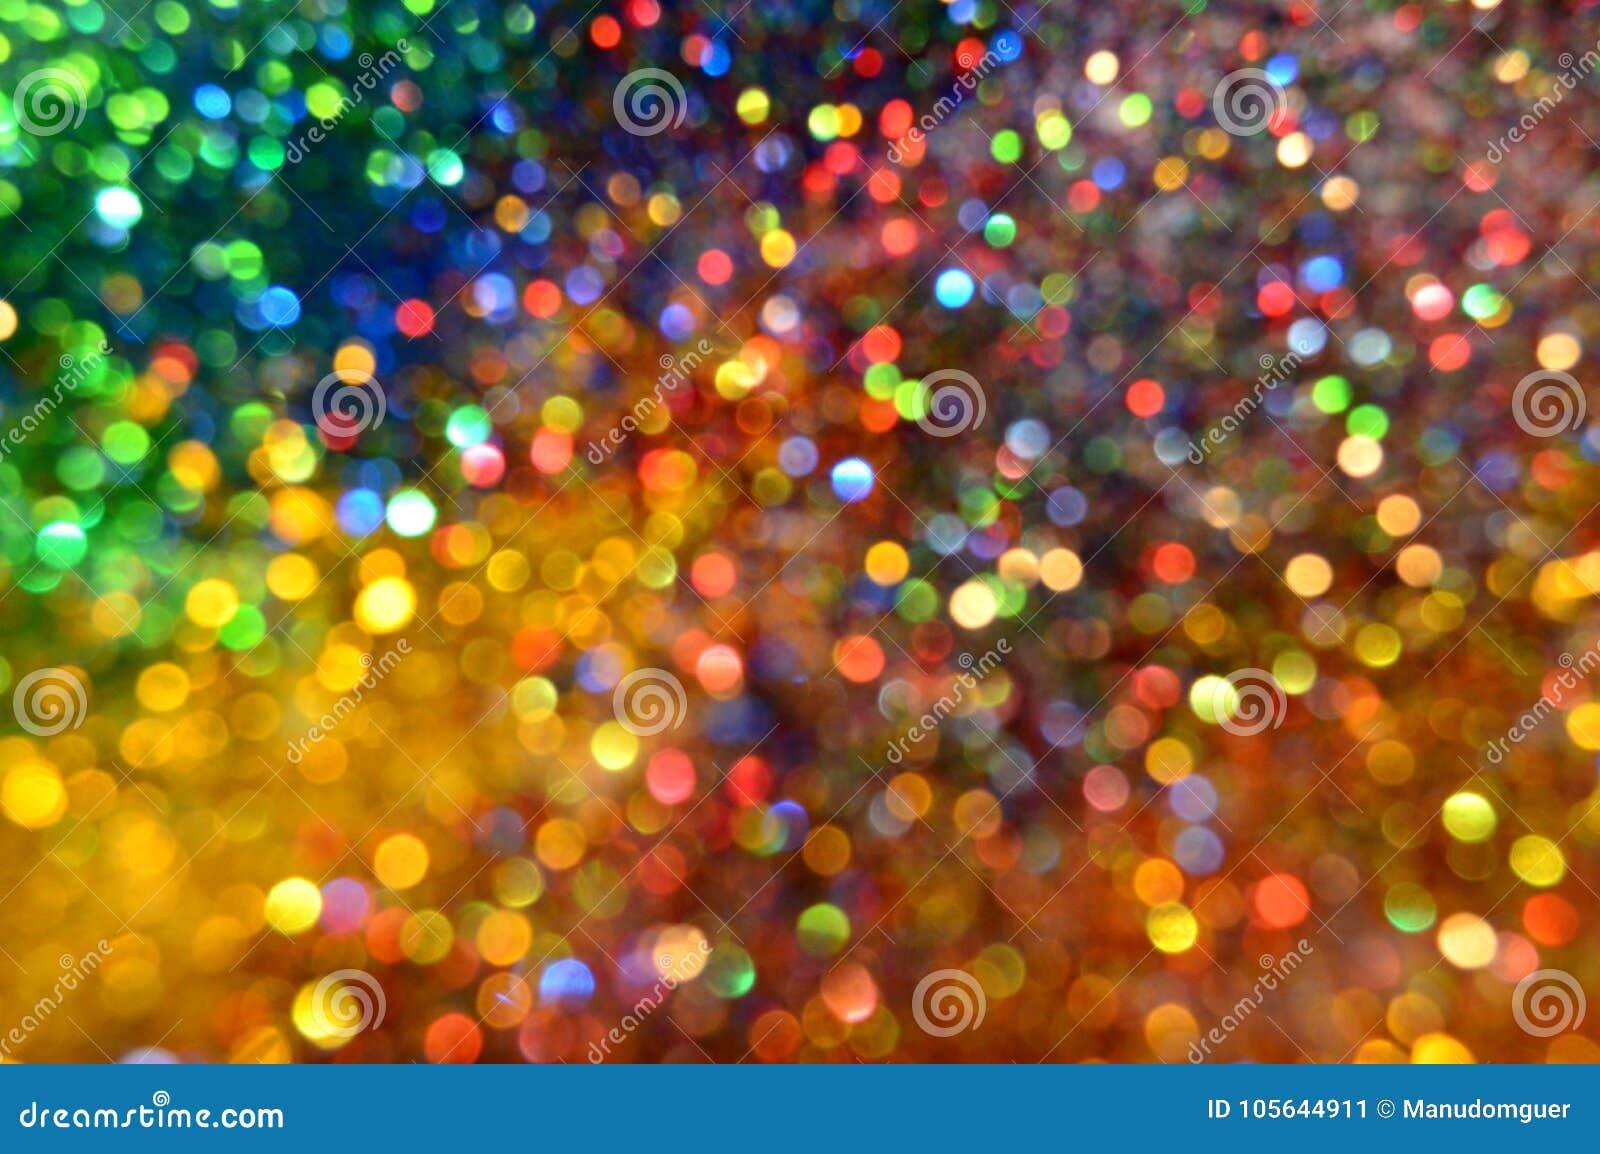 Пестротканая предпосылка яркого блеска и звезд